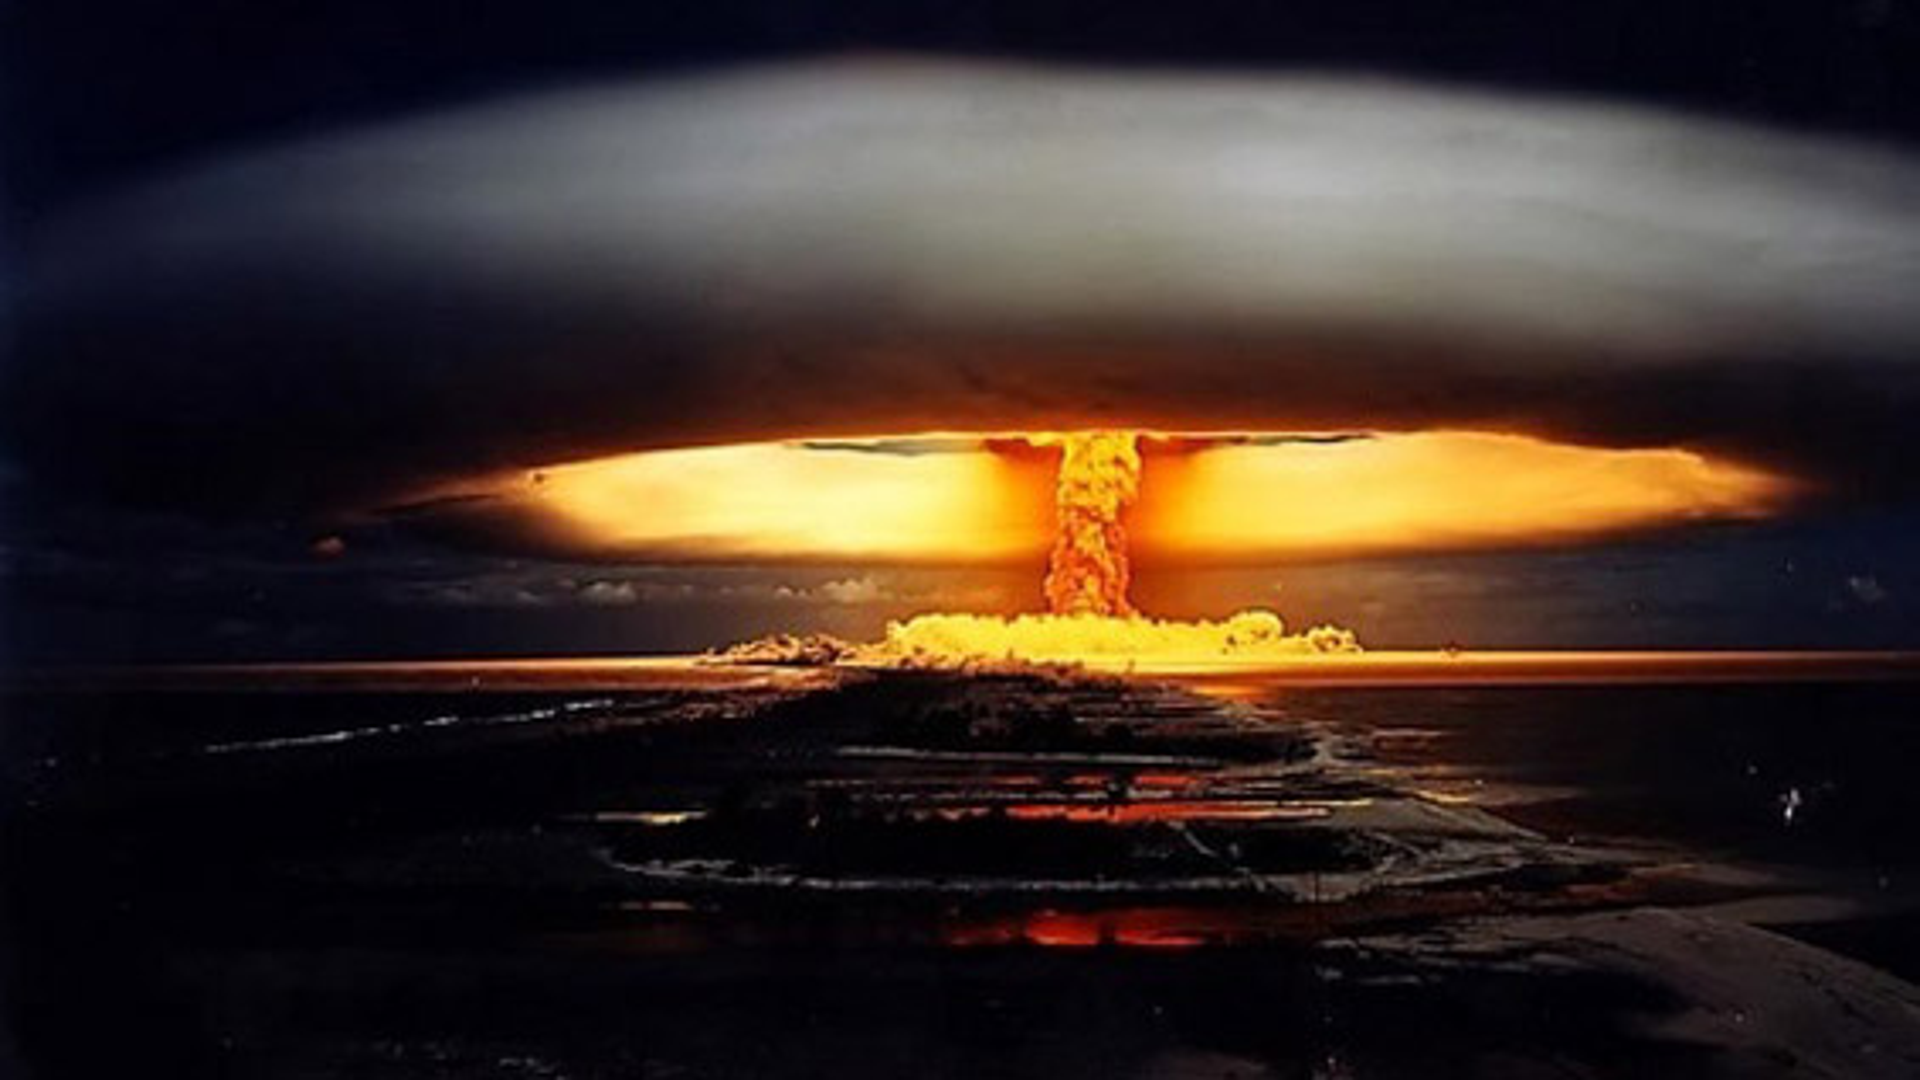 تزار؛ بزرگ ترین بمب اتمی منفجر شده در جهان   فیلم